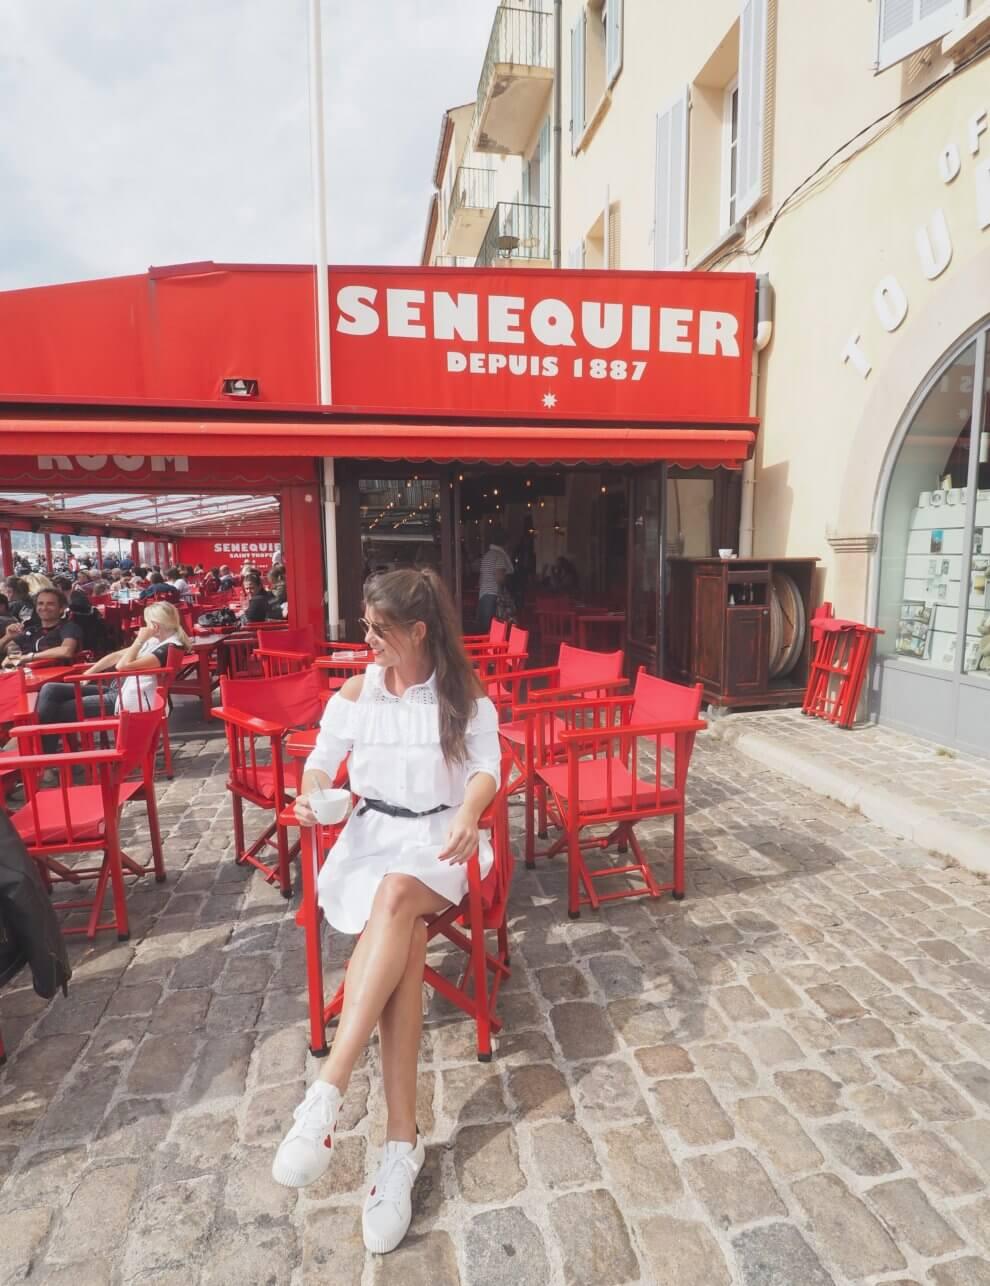 handigste Saint Tropez tips voor aankomende zomer - haven van Saint Tropez - Senequier